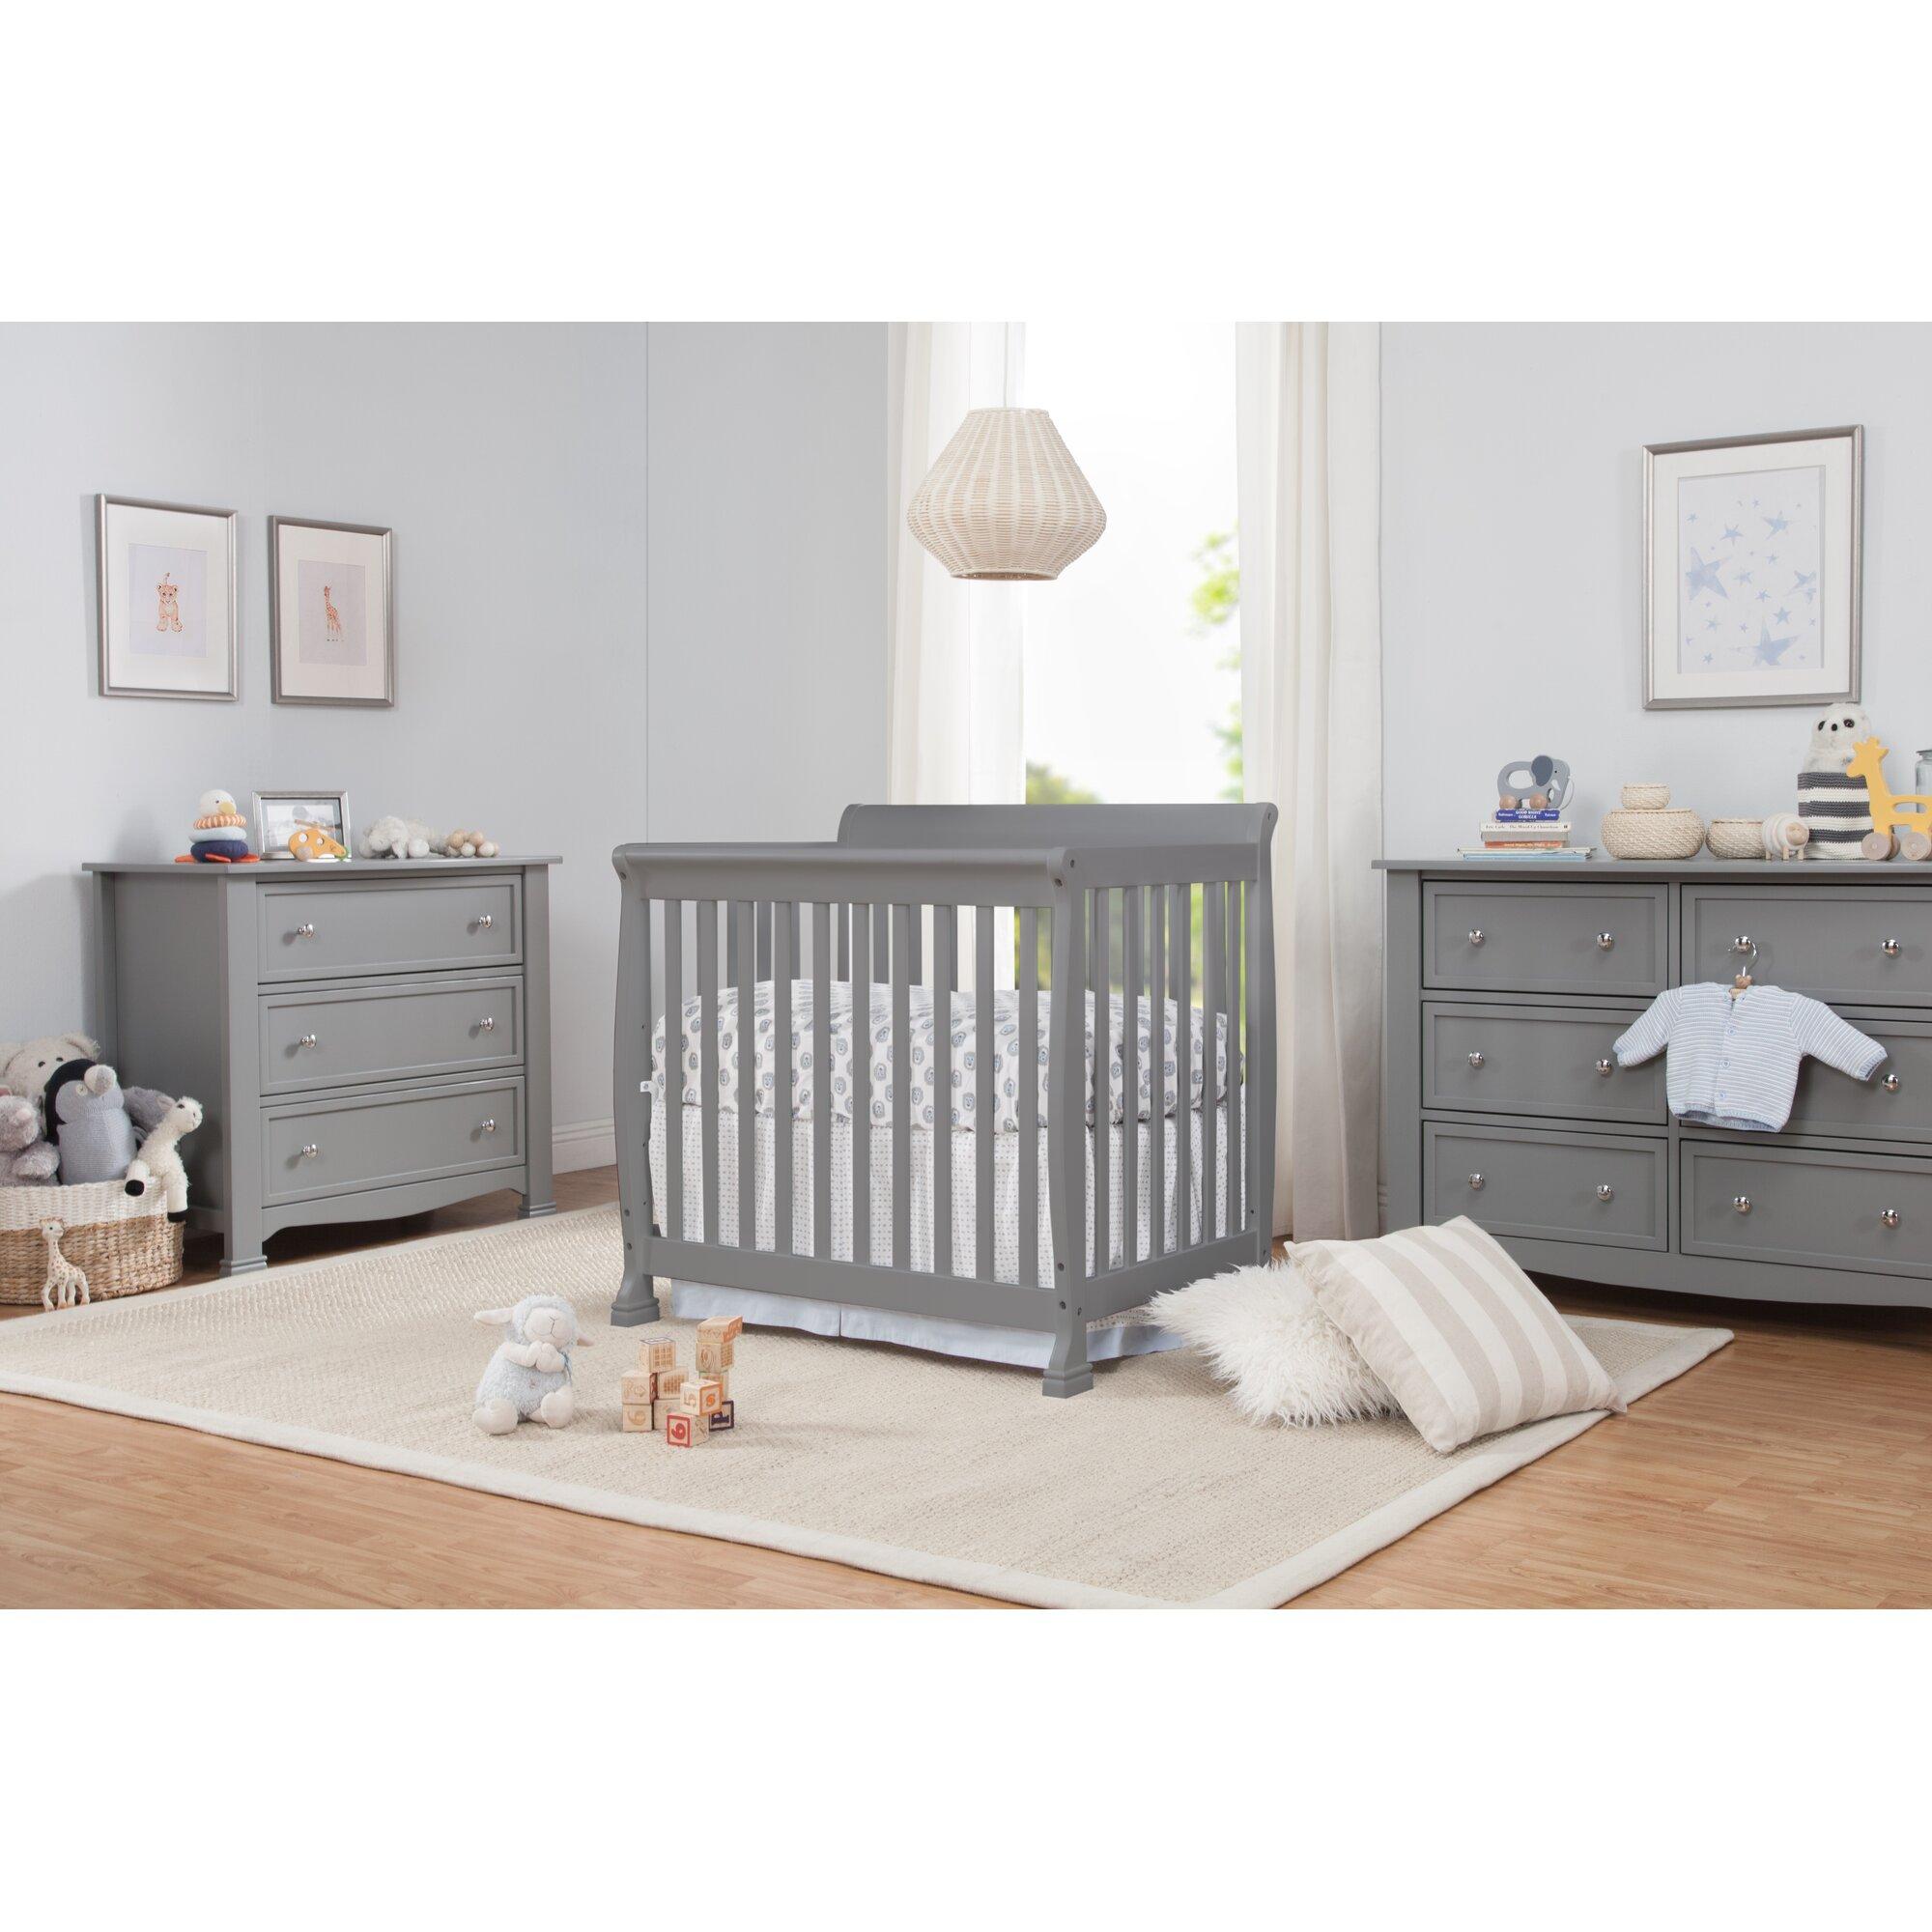 Used crib for sale ottawa - Kalani 2in1 Convertible Mini Crib